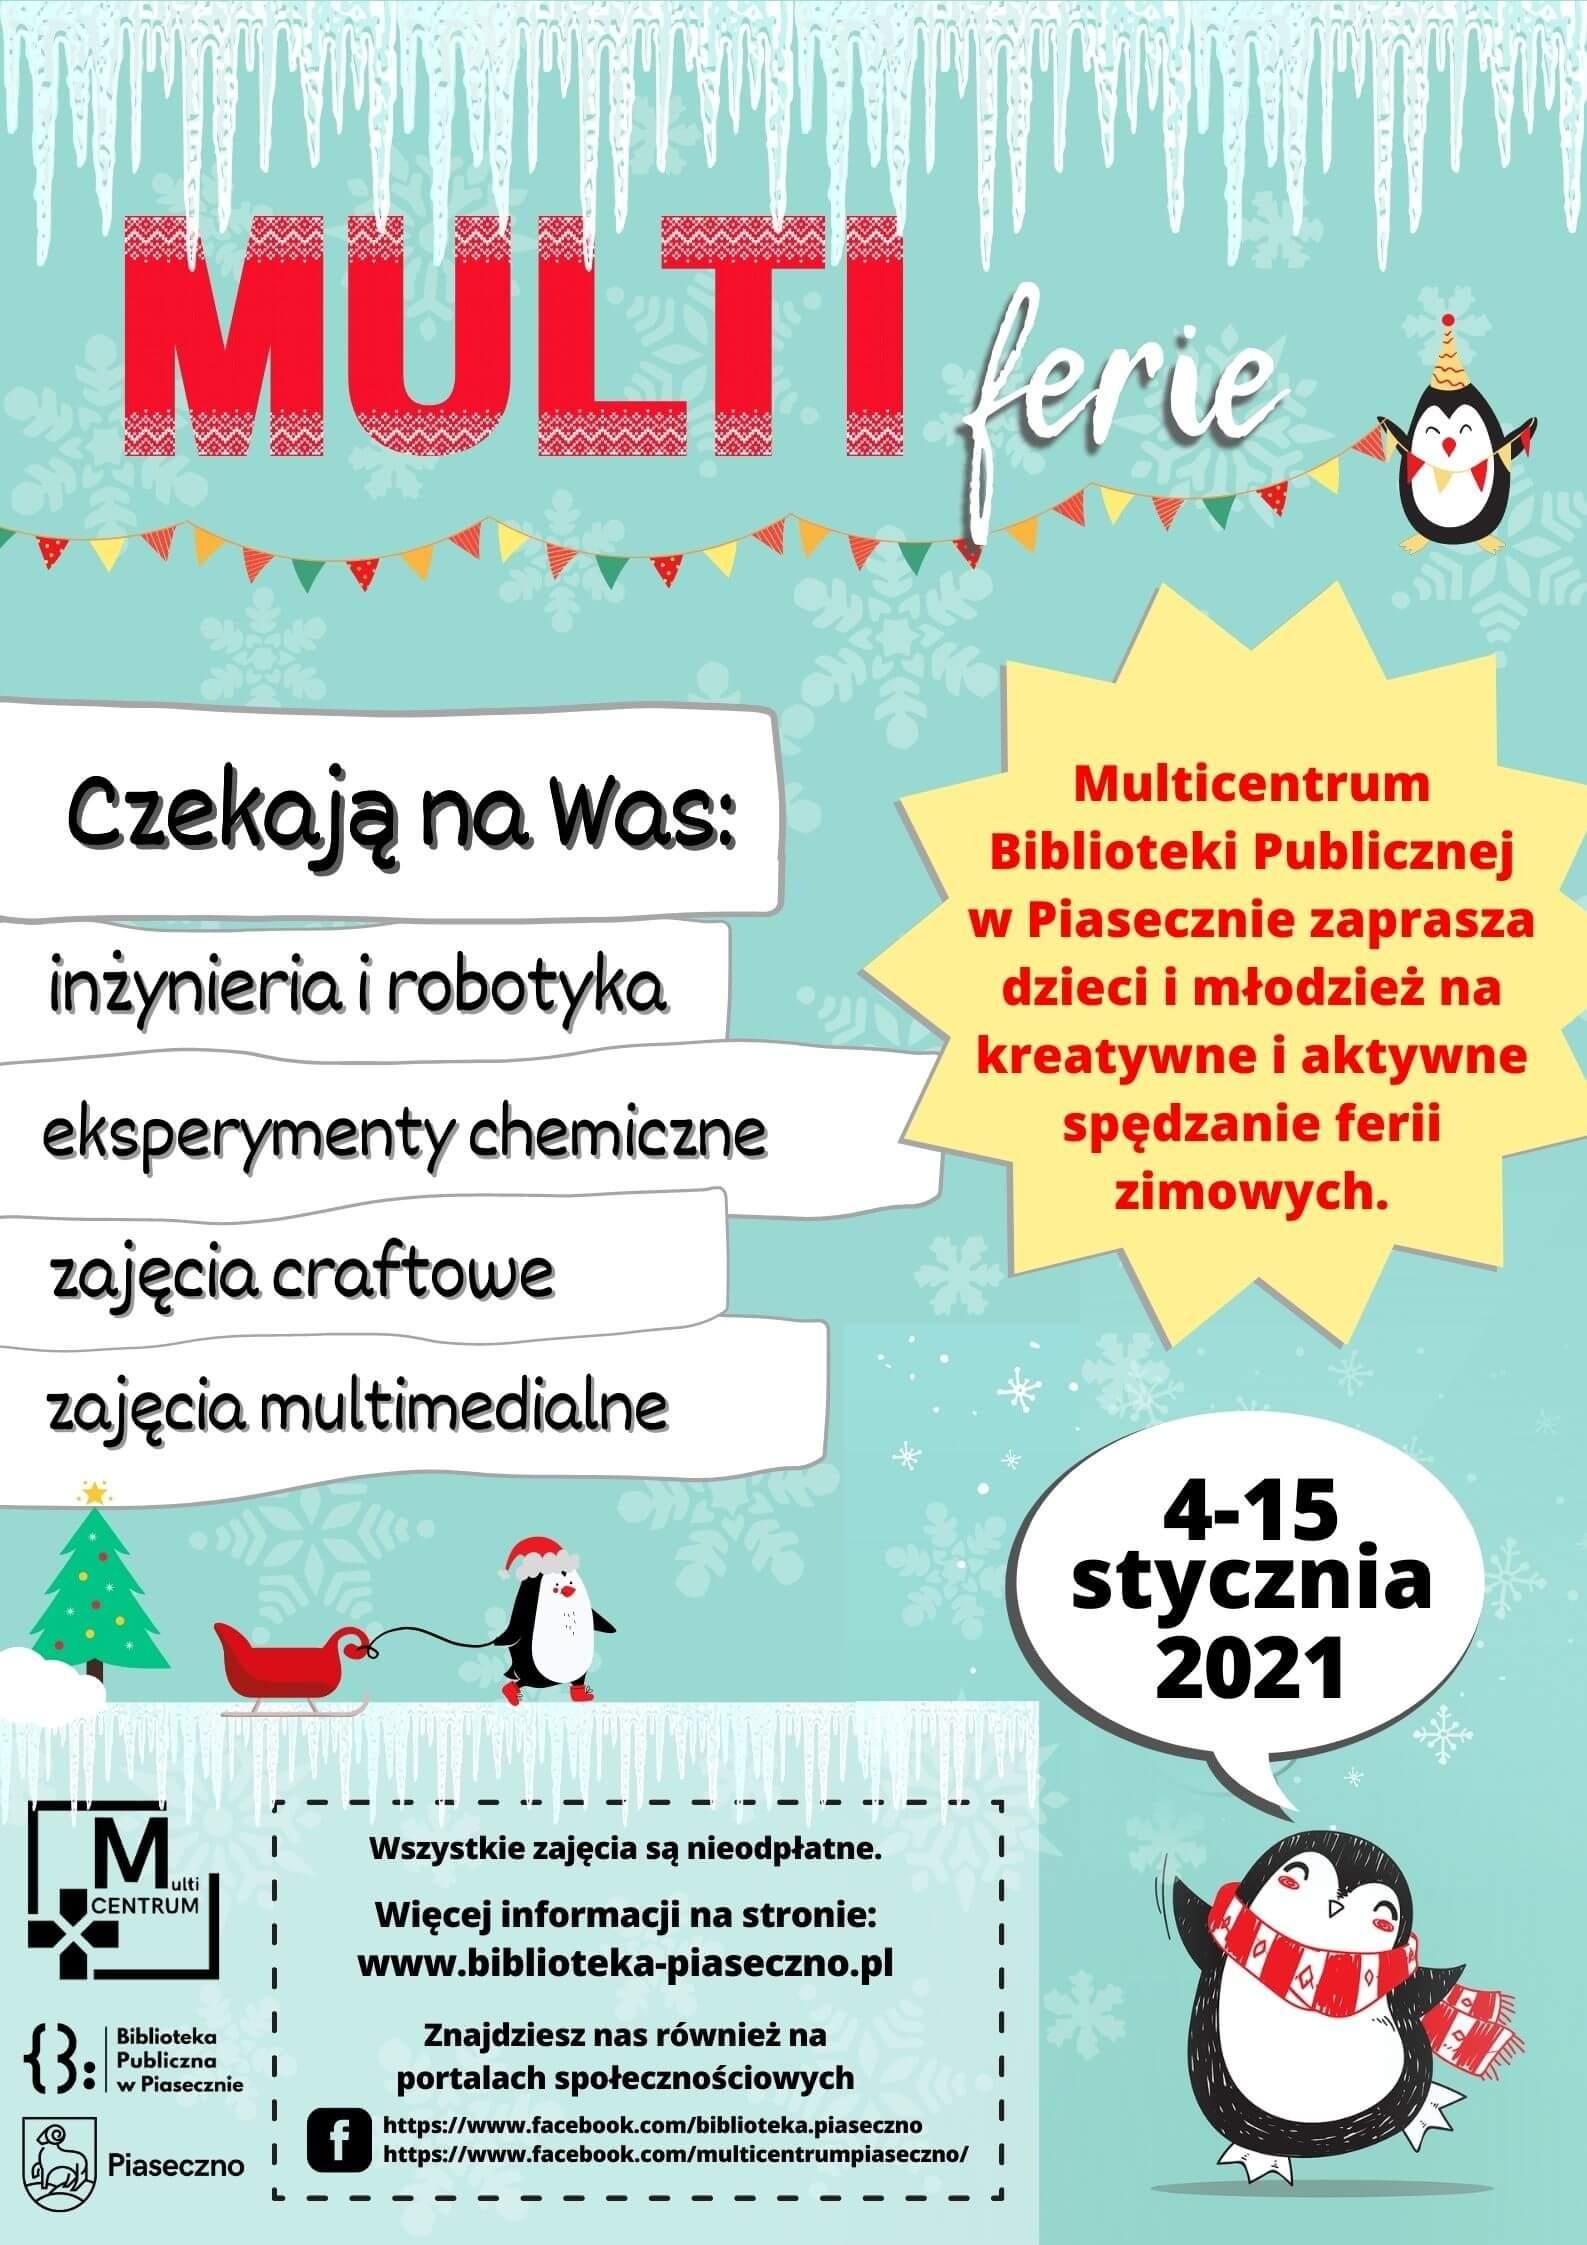 Plakat informujący o zajęciach Multicentrum podczas ferii zimowych